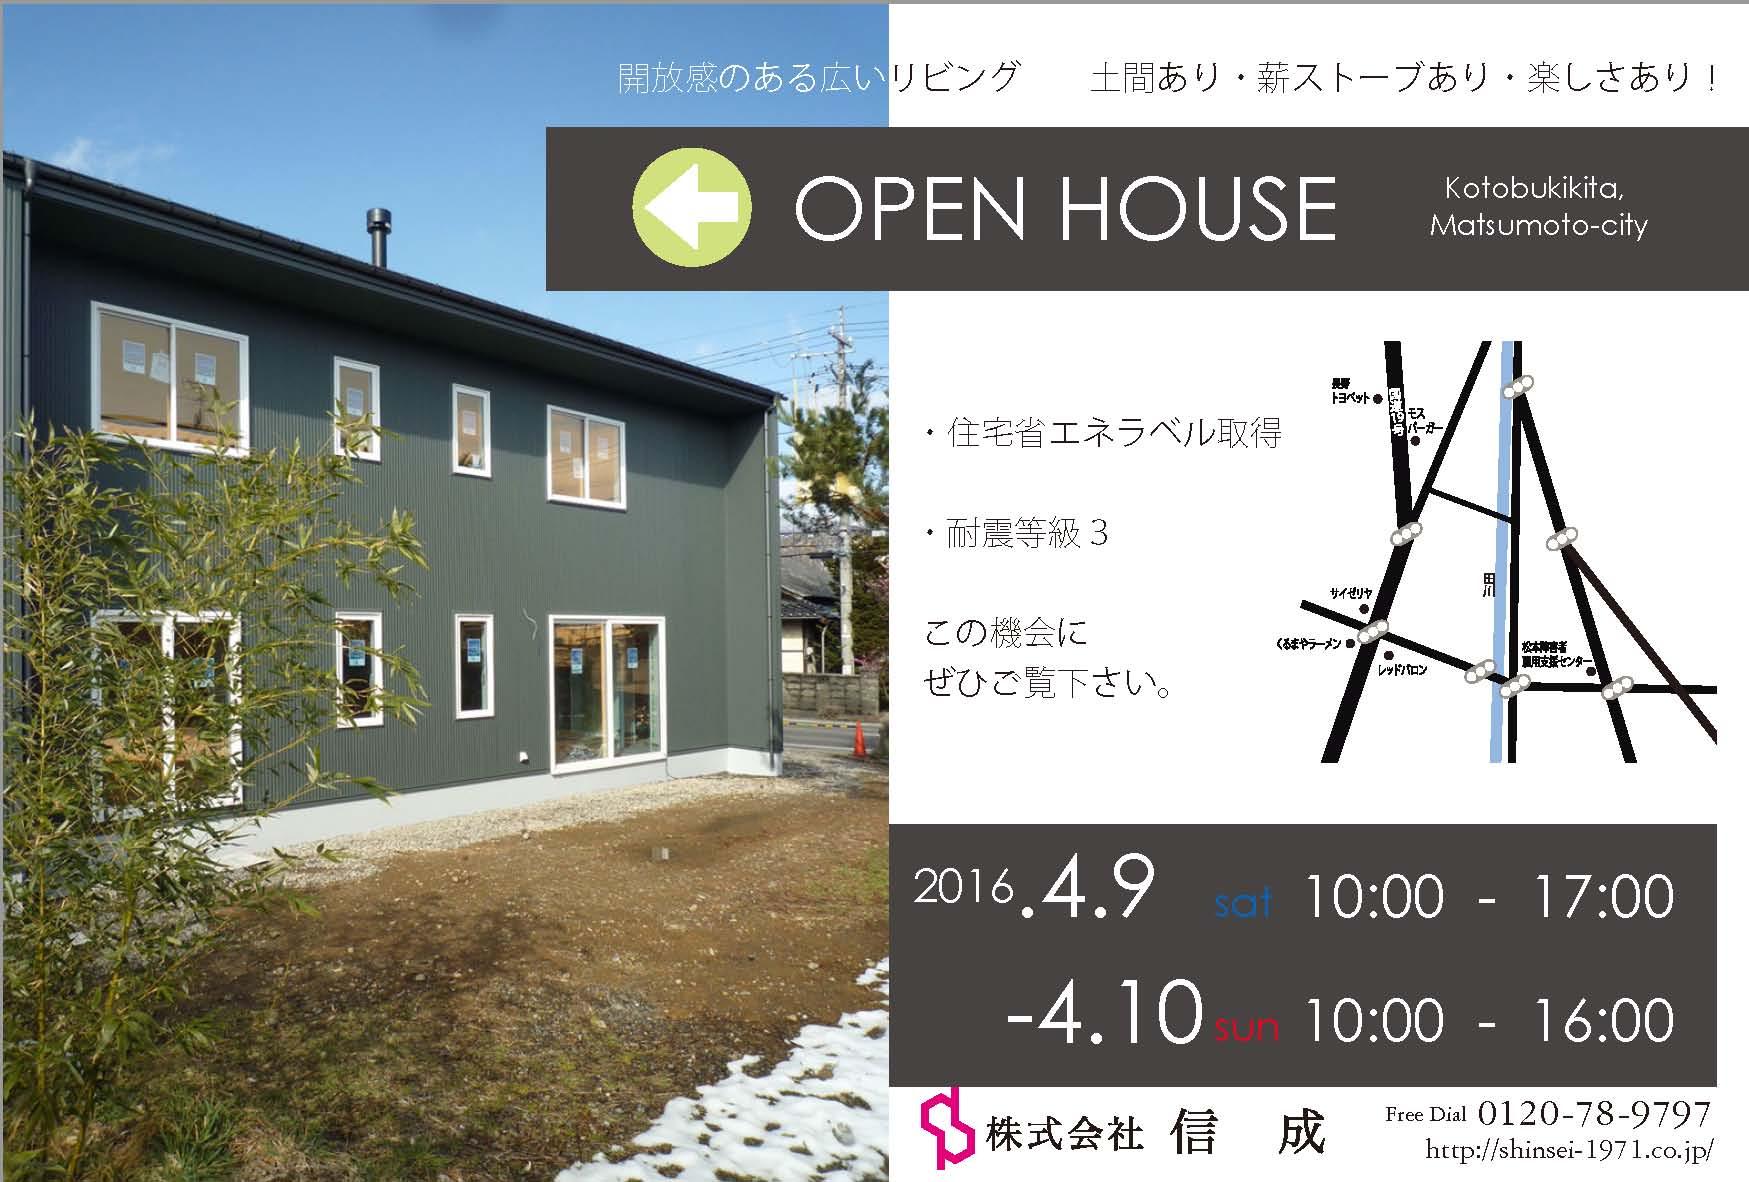 明日からOPEN HOUSEです。_e0180332_19533333.jpg